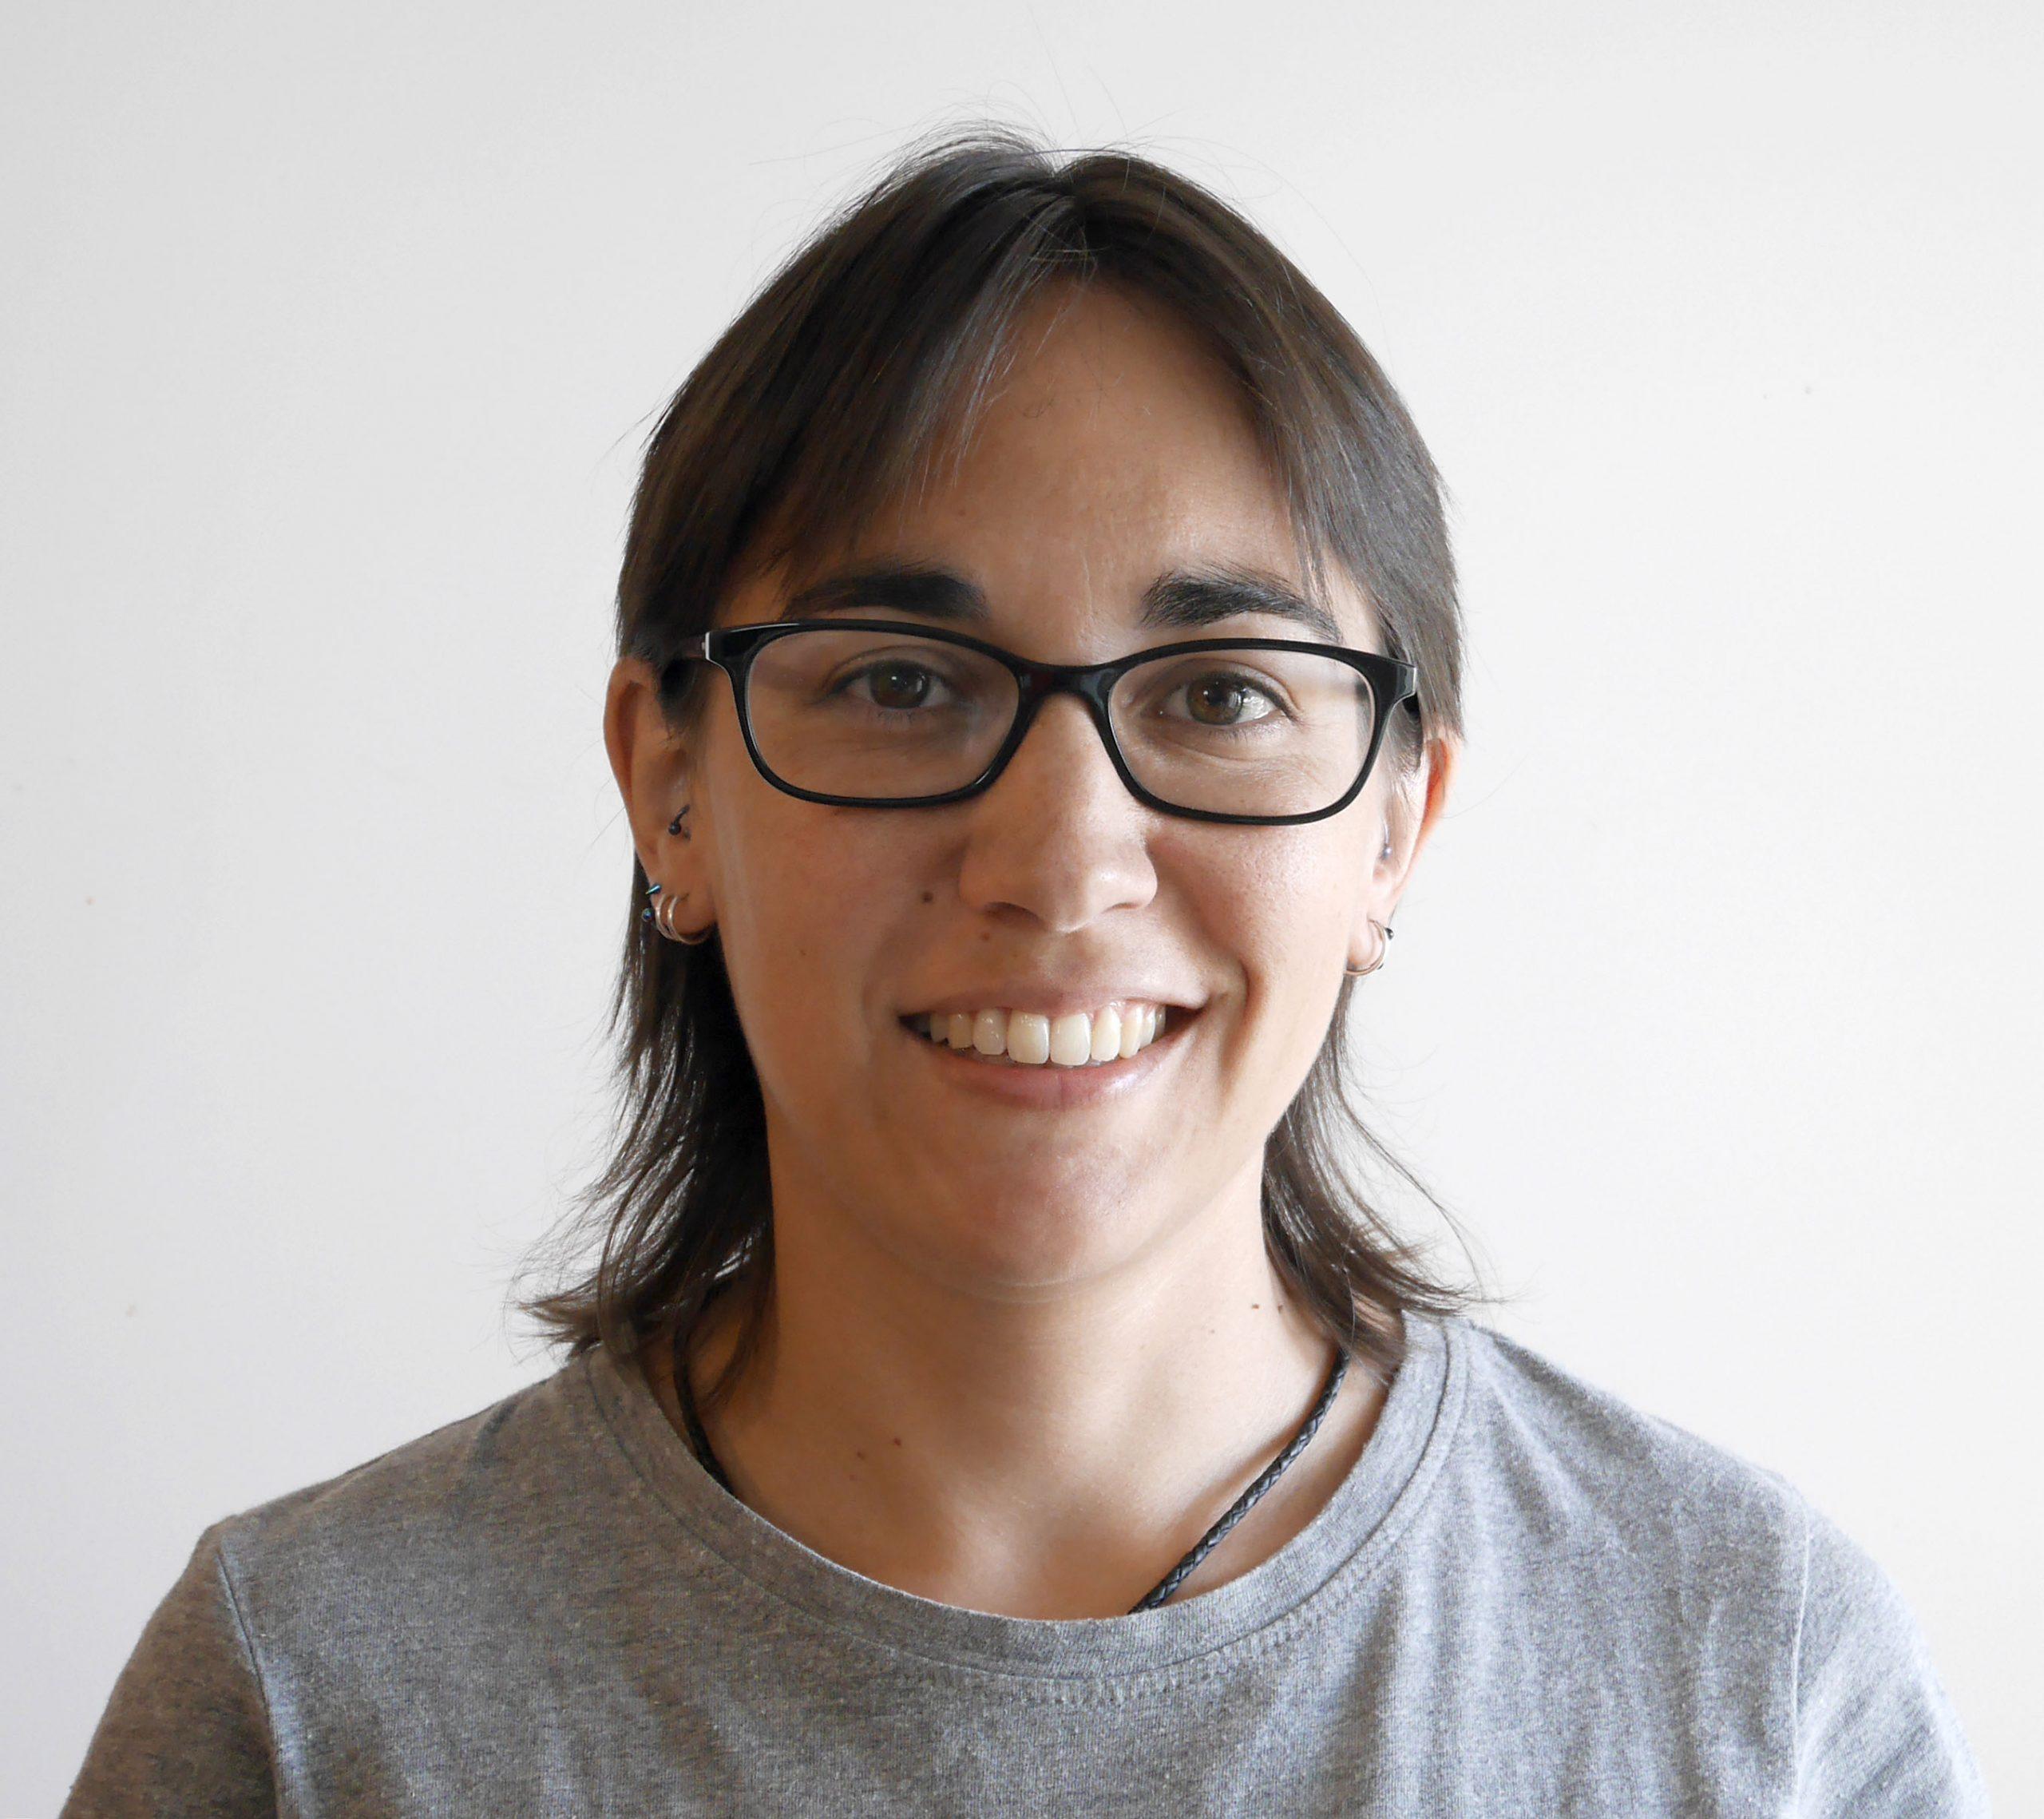 Perfil Raquel Sanchez Moreno